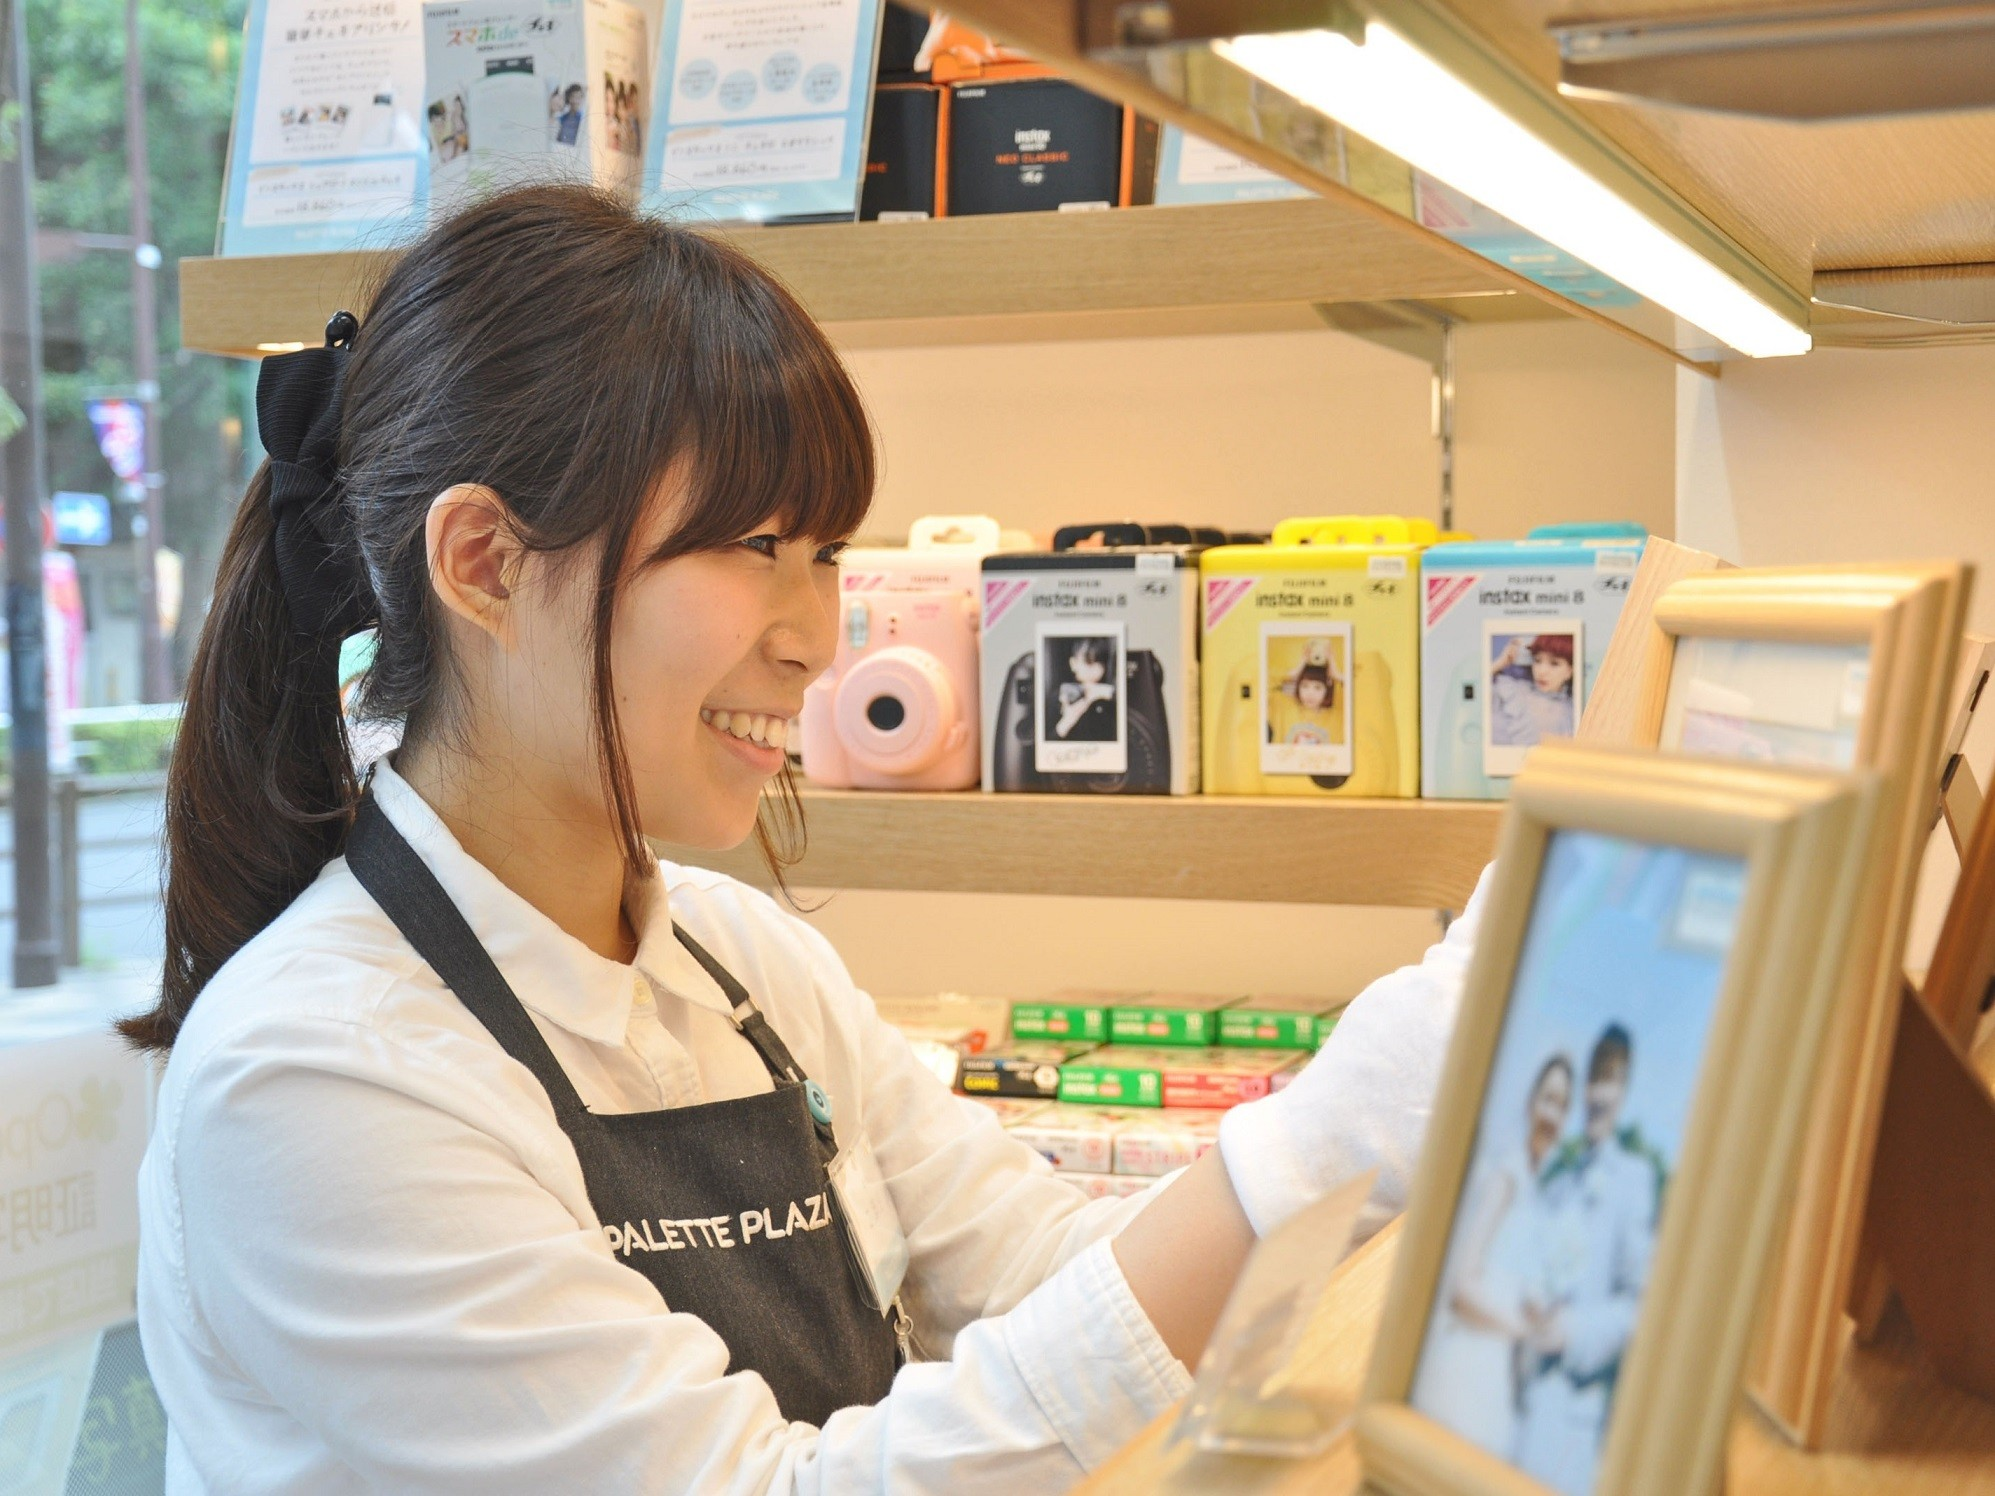 パレットプラザ 鶴見駅店のアルバイト情報